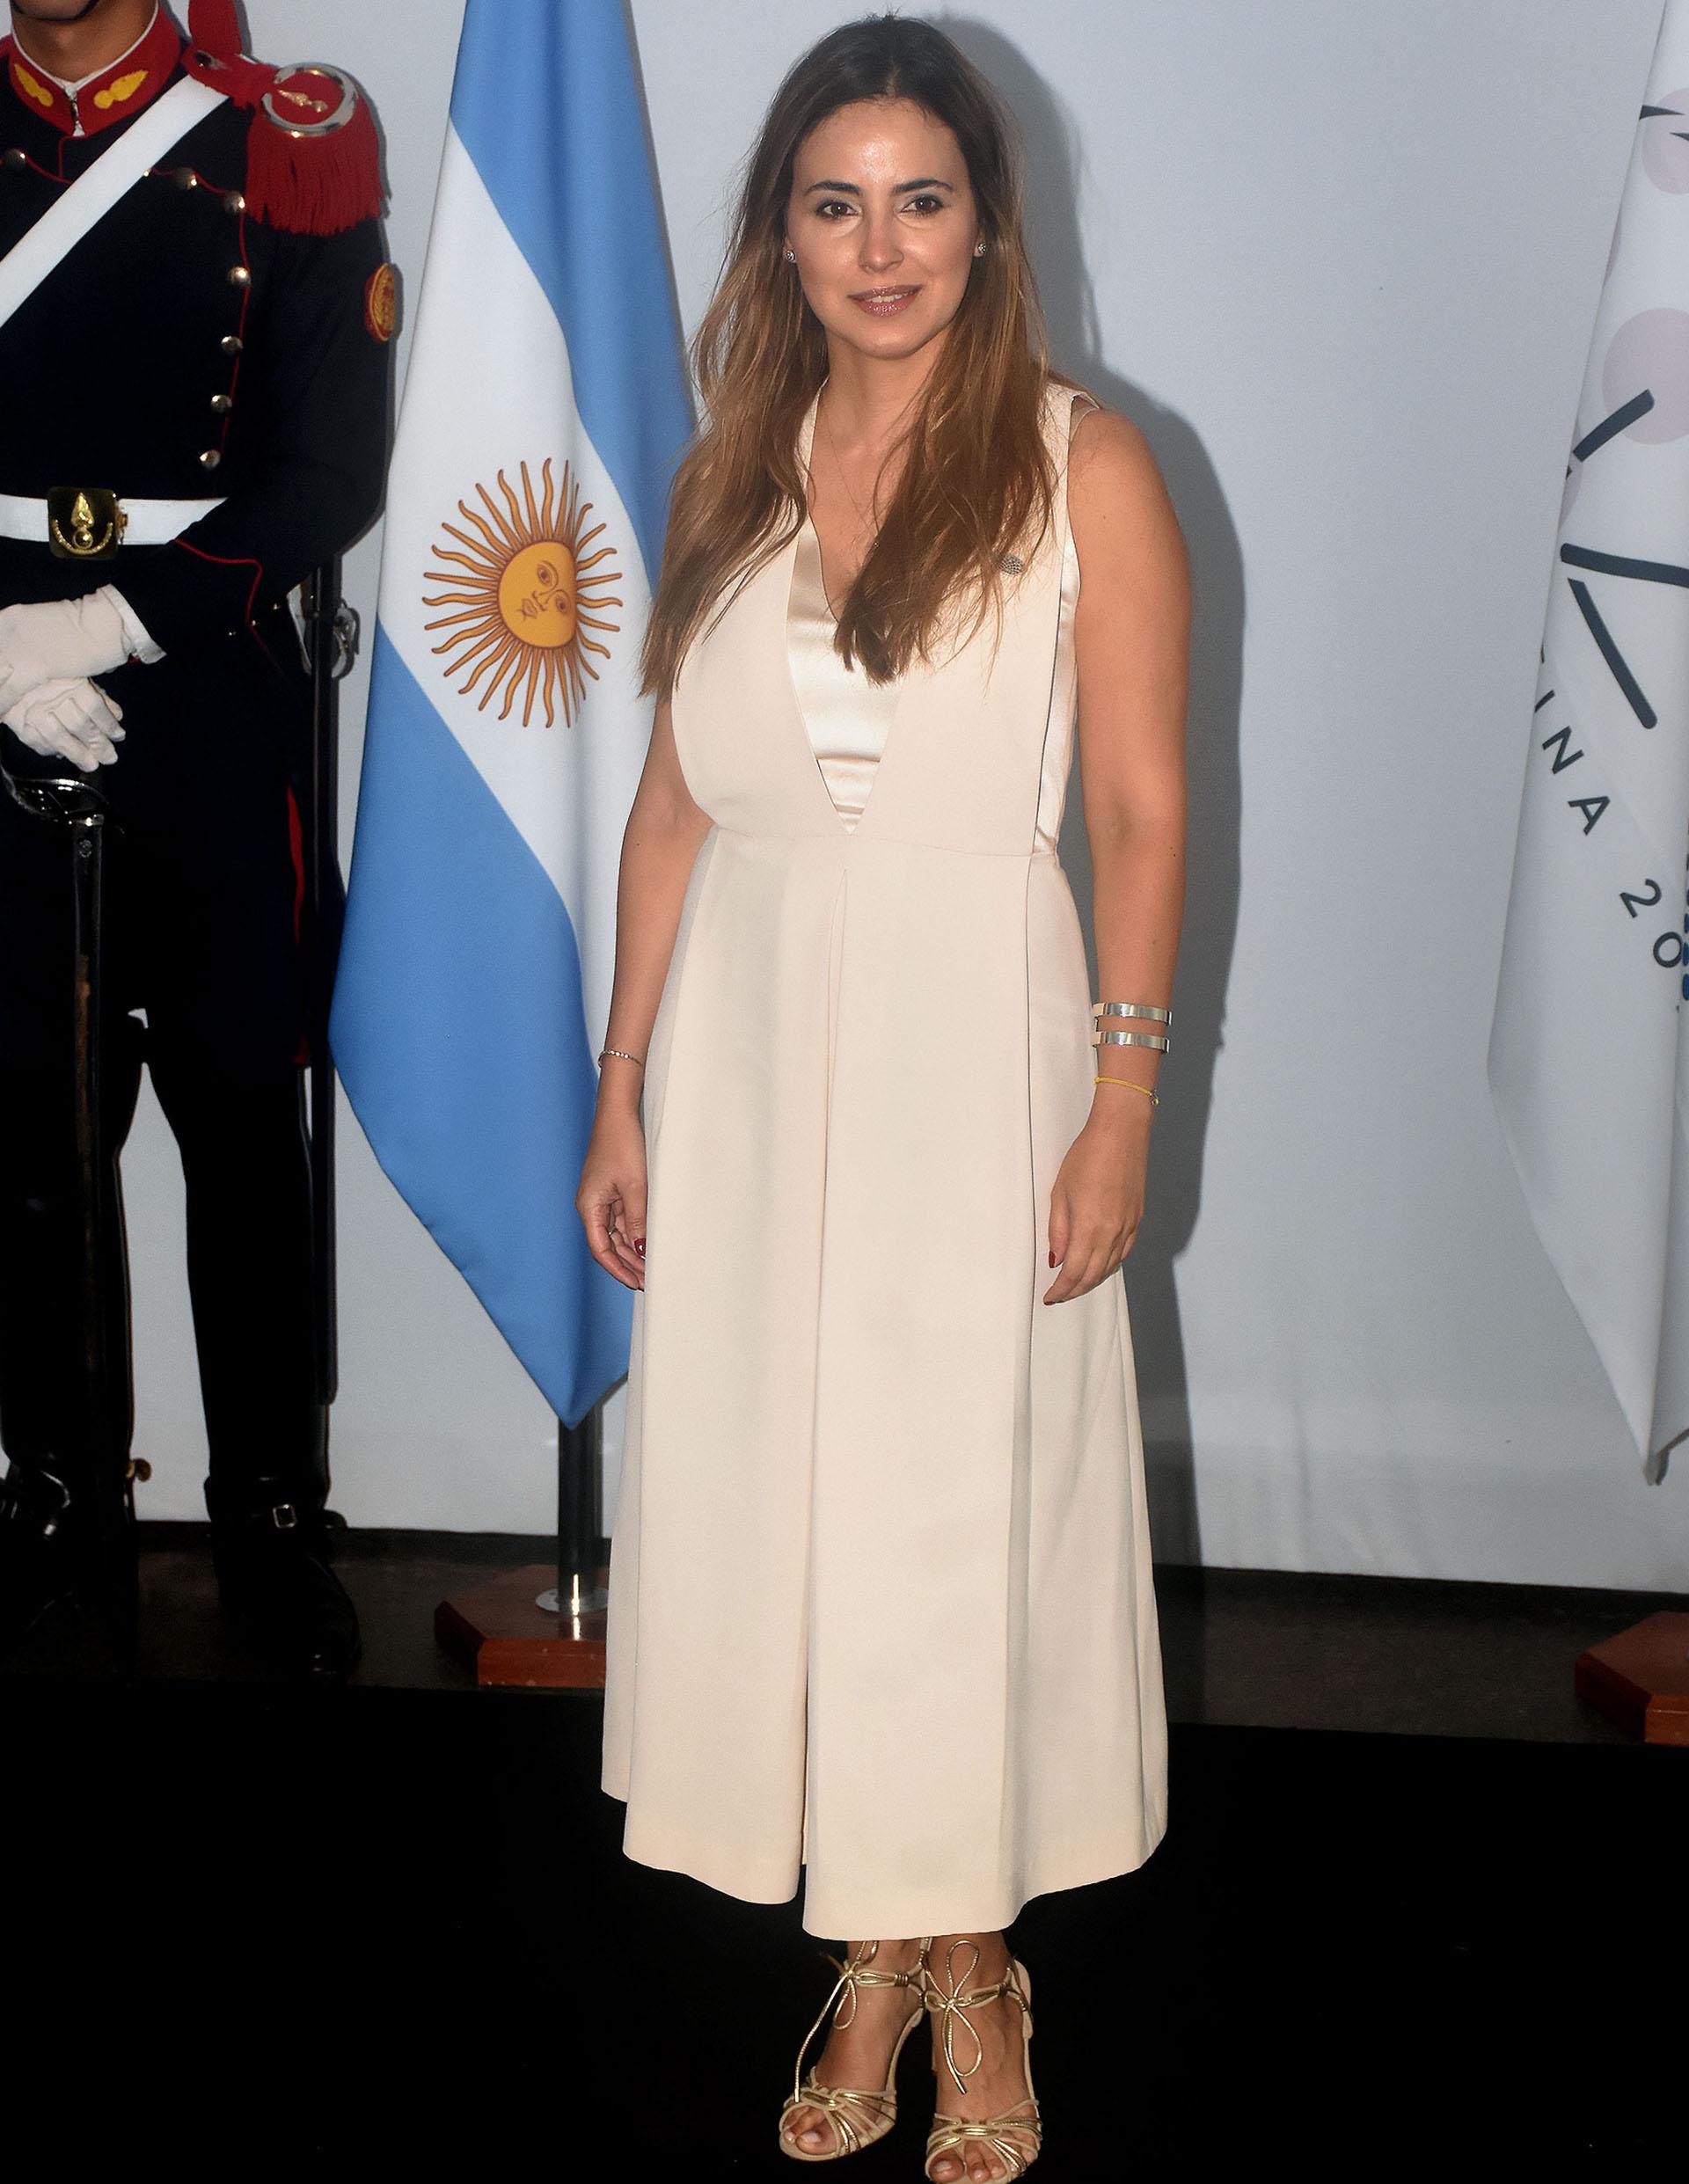 María Gabriela Sigala, del Banco Interamericano de Desarrollo (BID), eligió un vestido sin mangas, gran escote V y combinación de dos géneros: seda natural y raso. Ambos en tonalidades beige. Completó su look con sandalias doradas y esclavas a tono